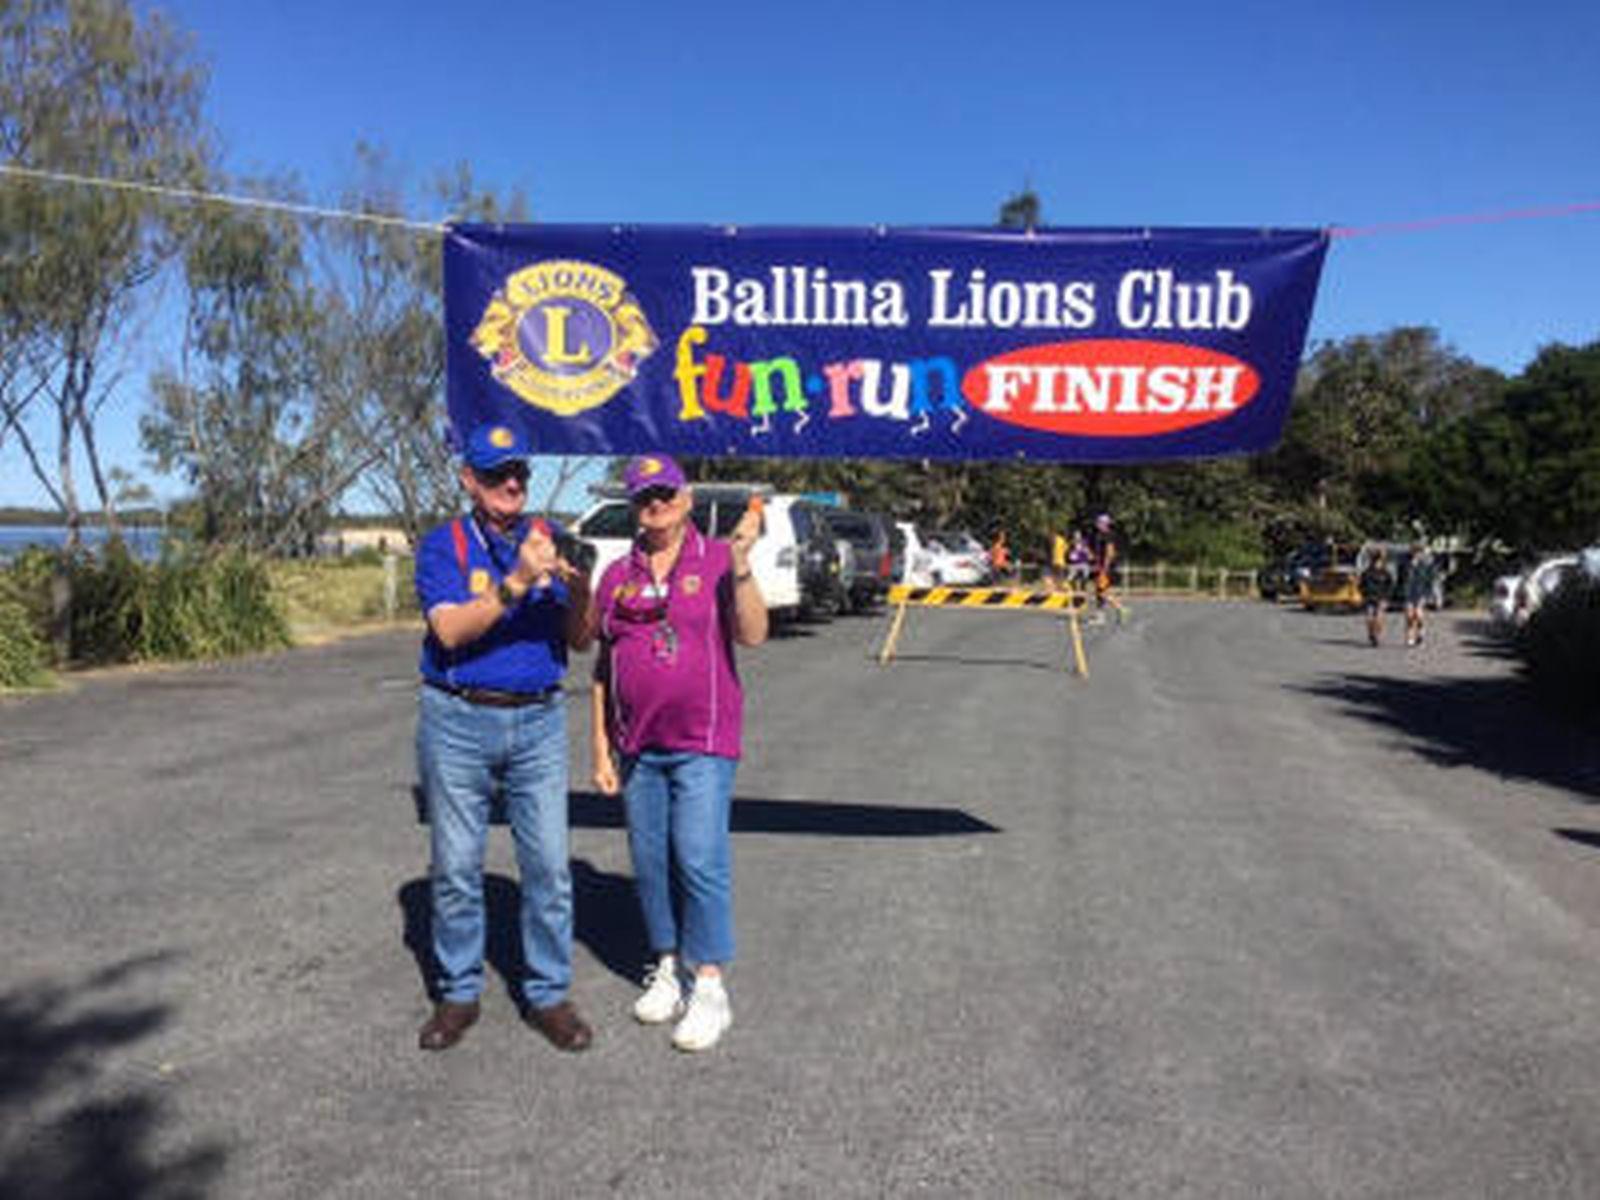 Ballina Lions Fun Run/Walk